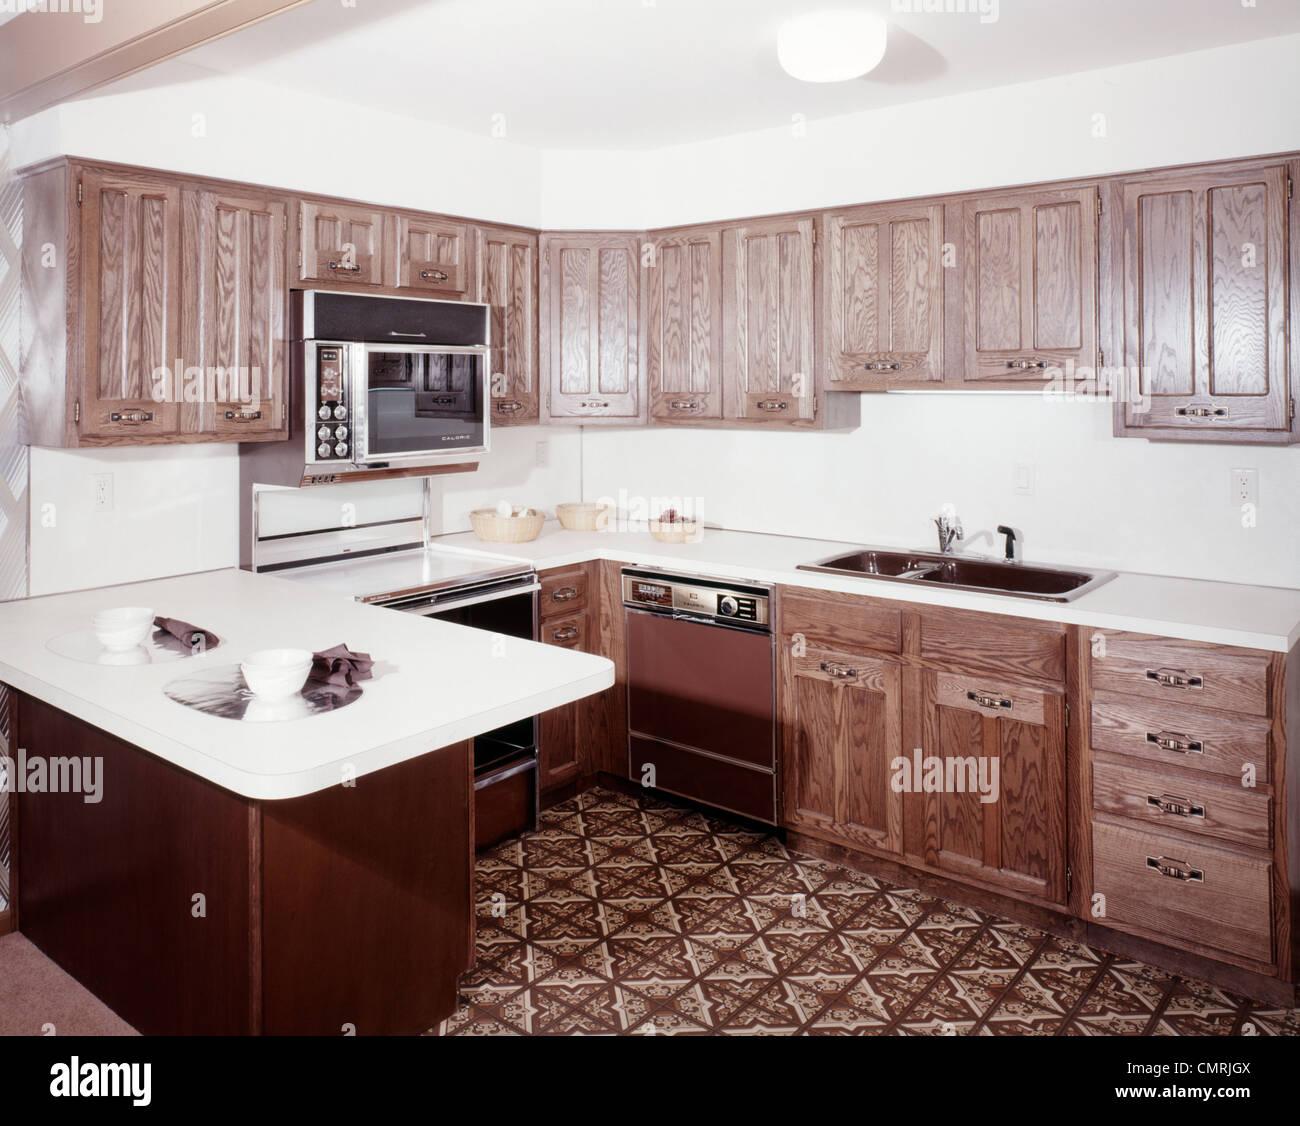 des ann es 70 cuisine avec armoires en bois fonc et un four micro ondes au dessus de la. Black Bedroom Furniture Sets. Home Design Ideas